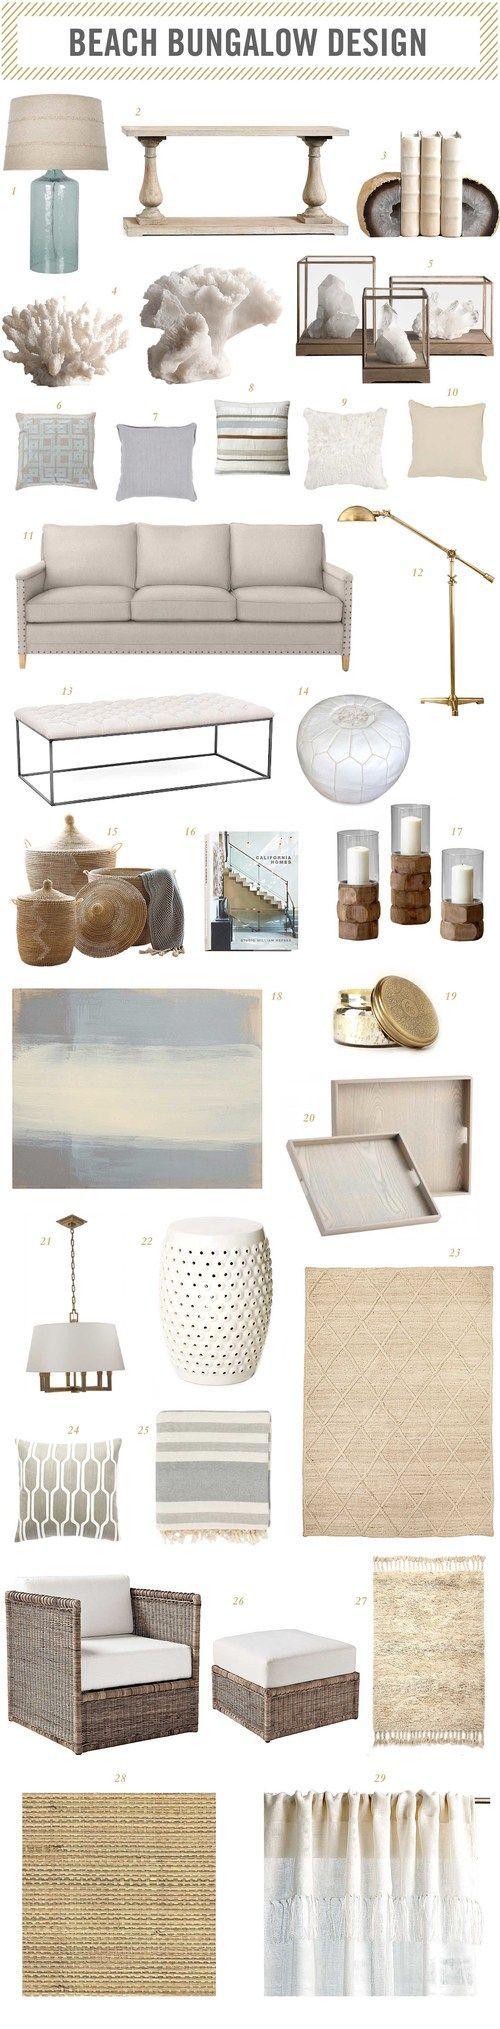   beach bungalow room design  